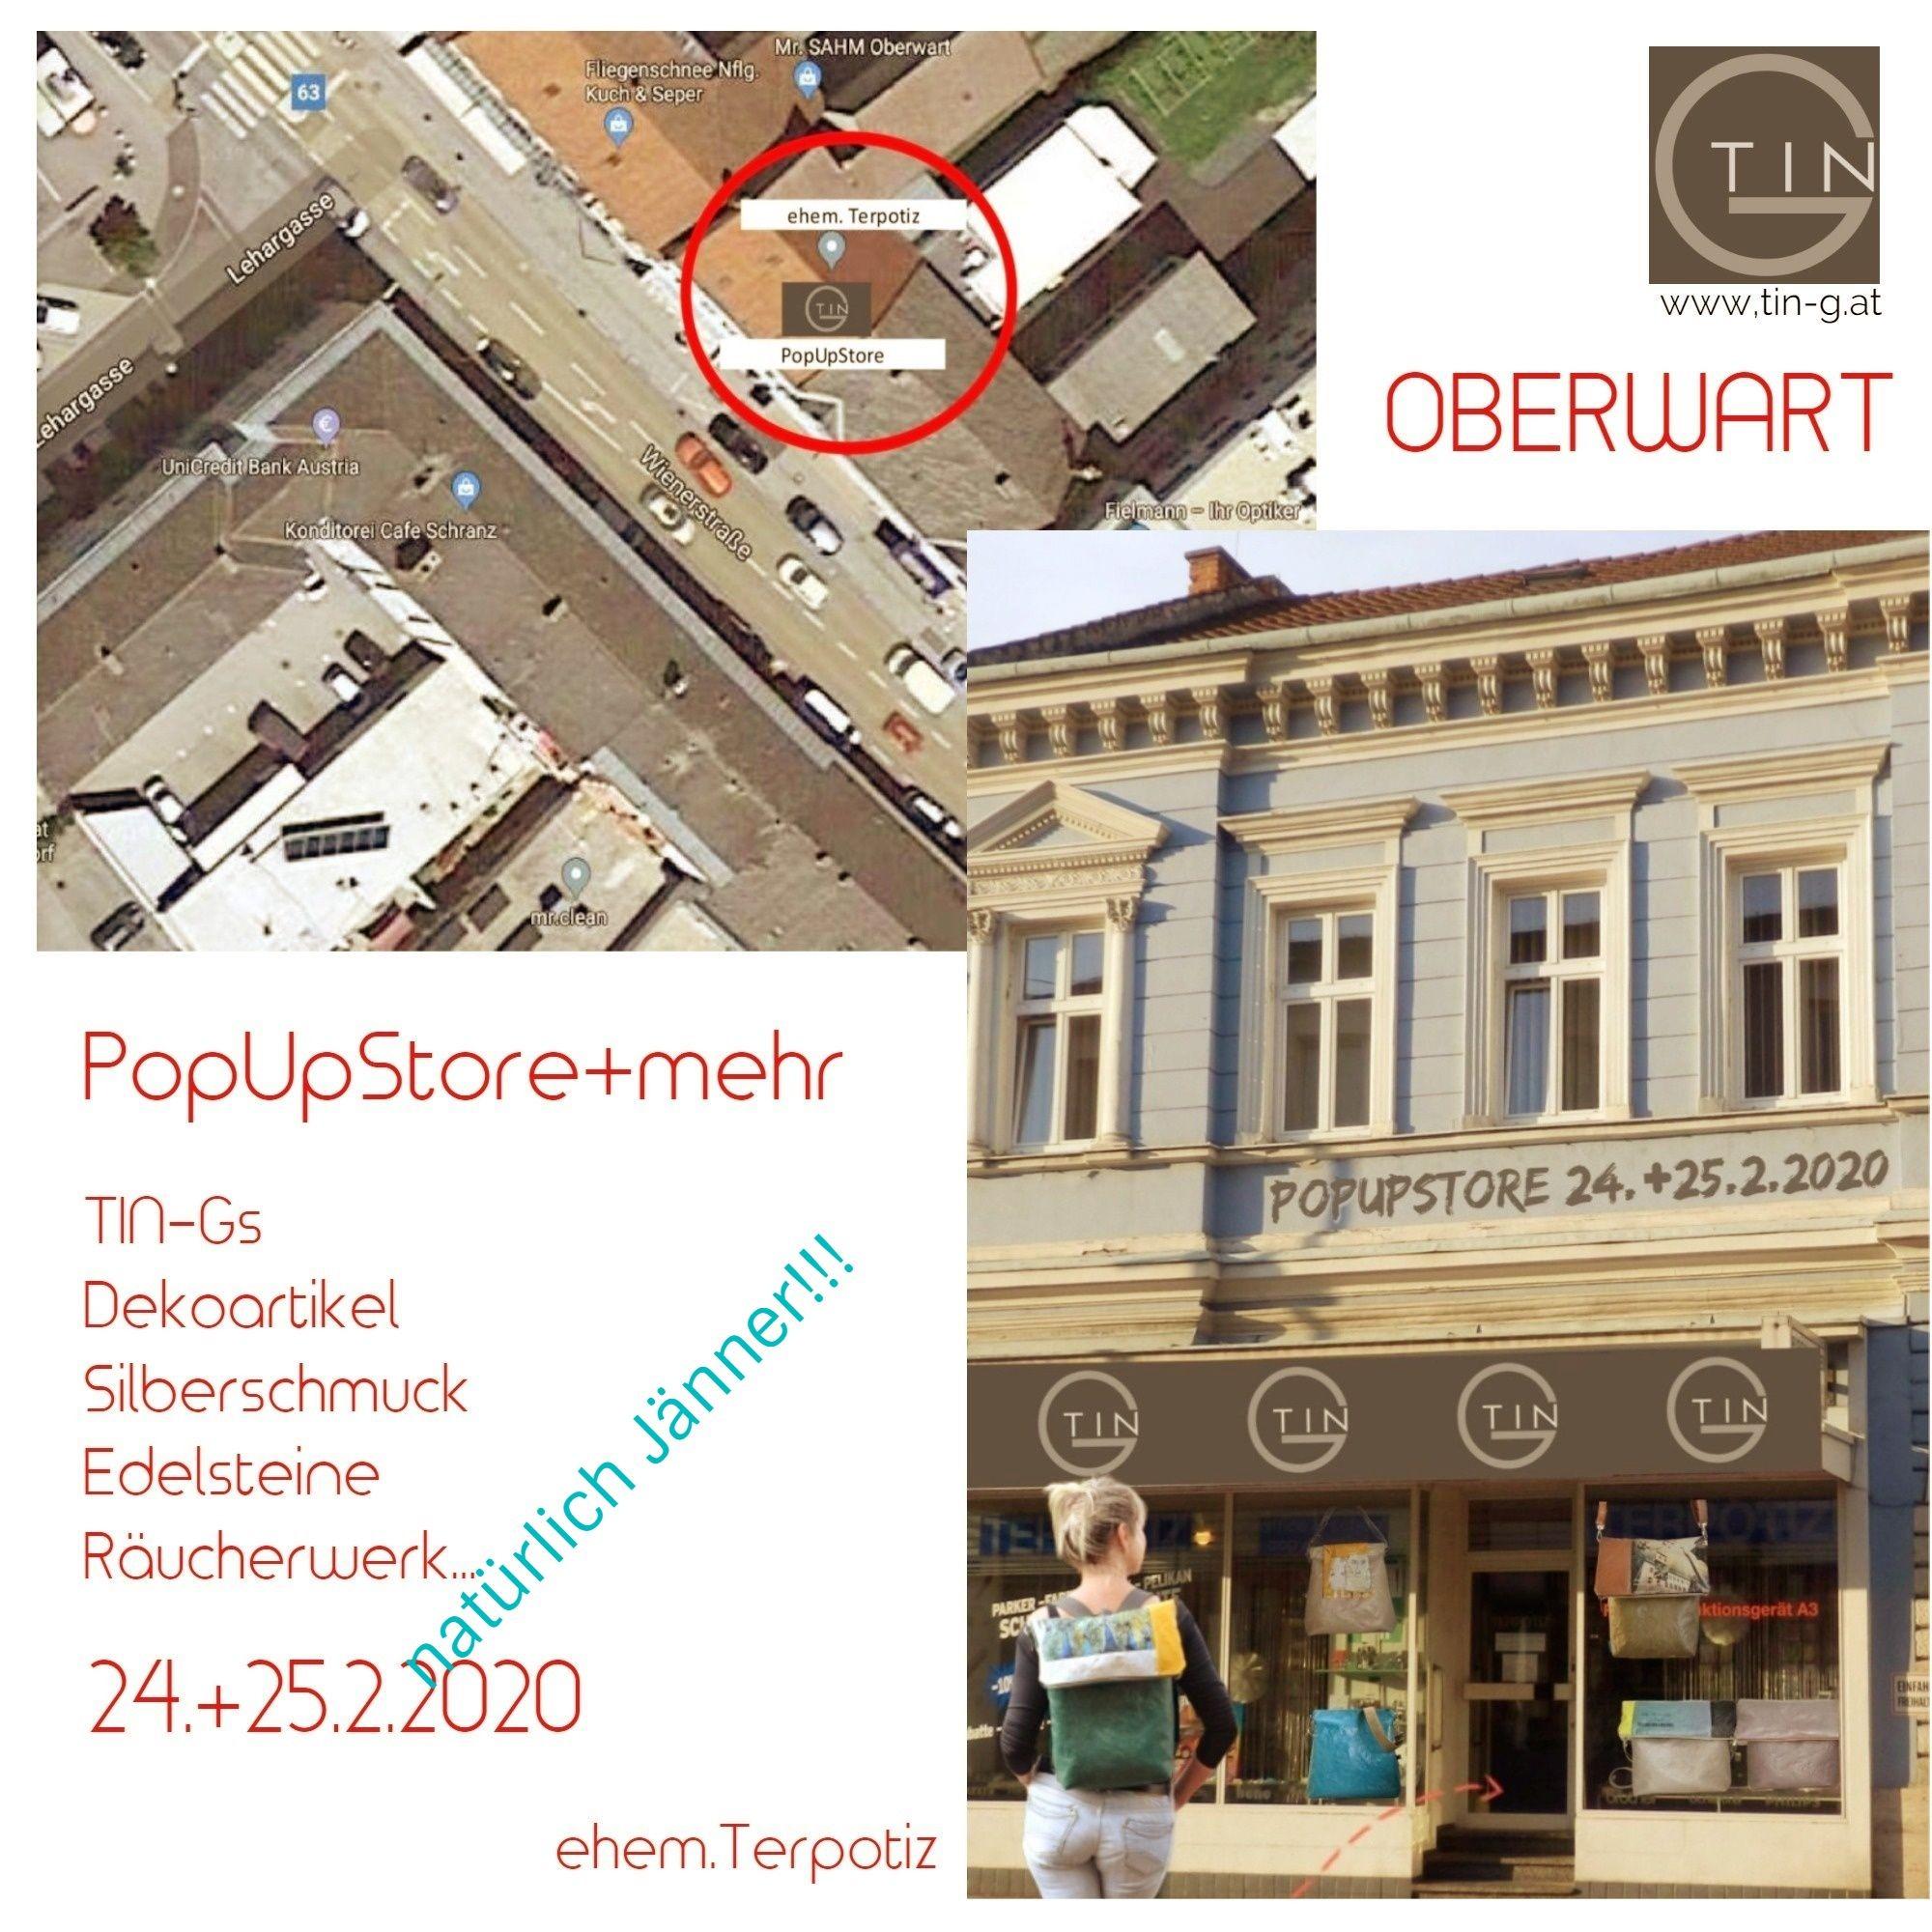 _OberwartPopUp2001 (1) (1)